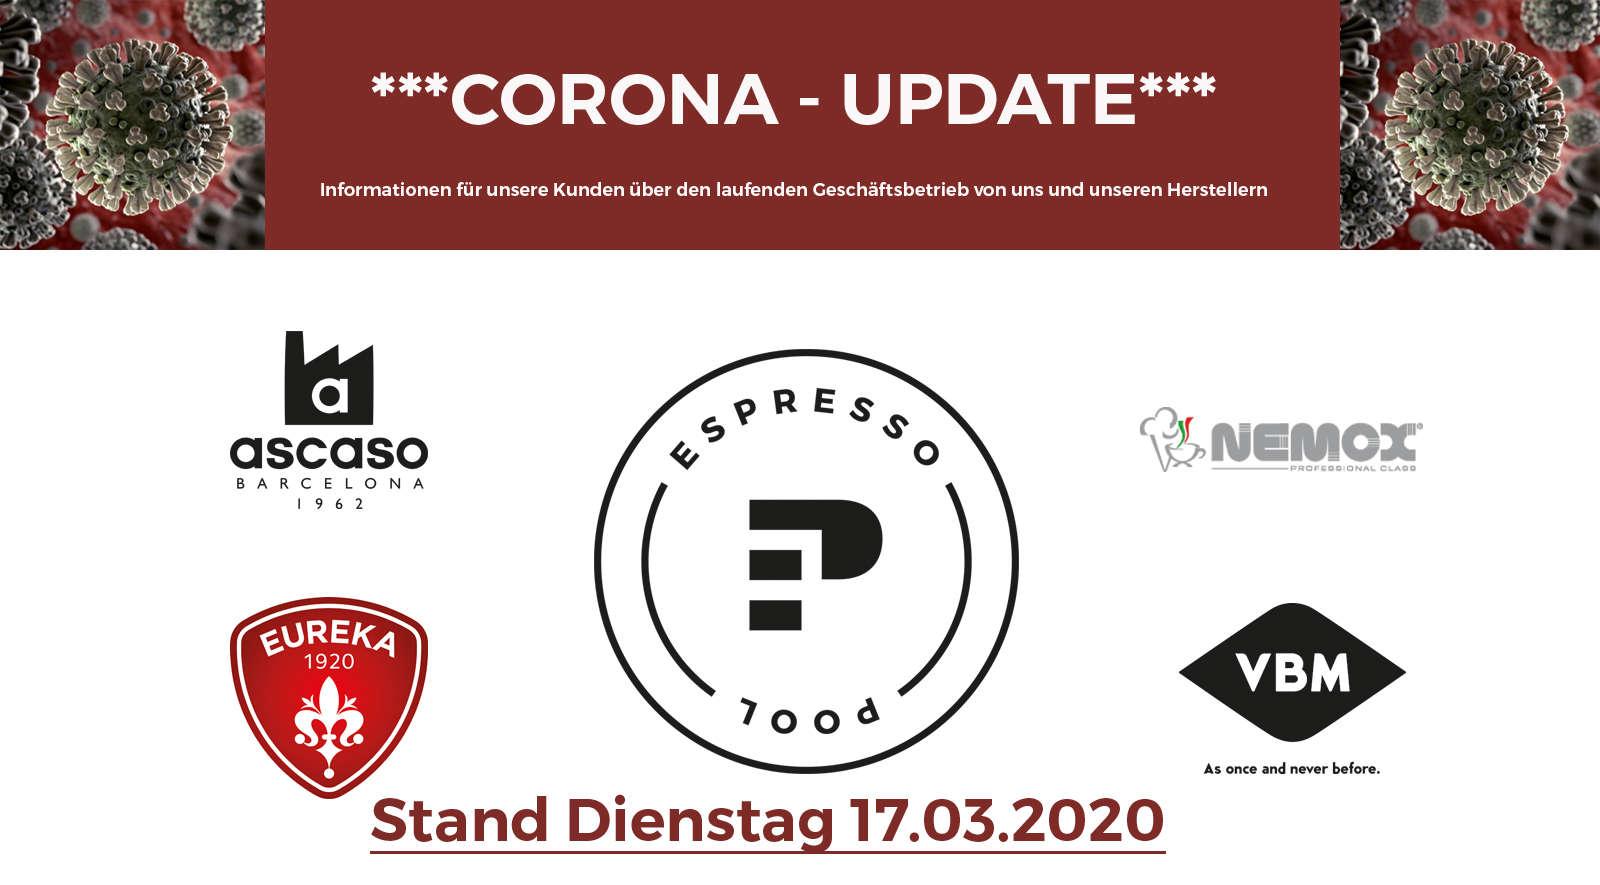 Corona und die Folgen für unseren Geschäftsbetrieb